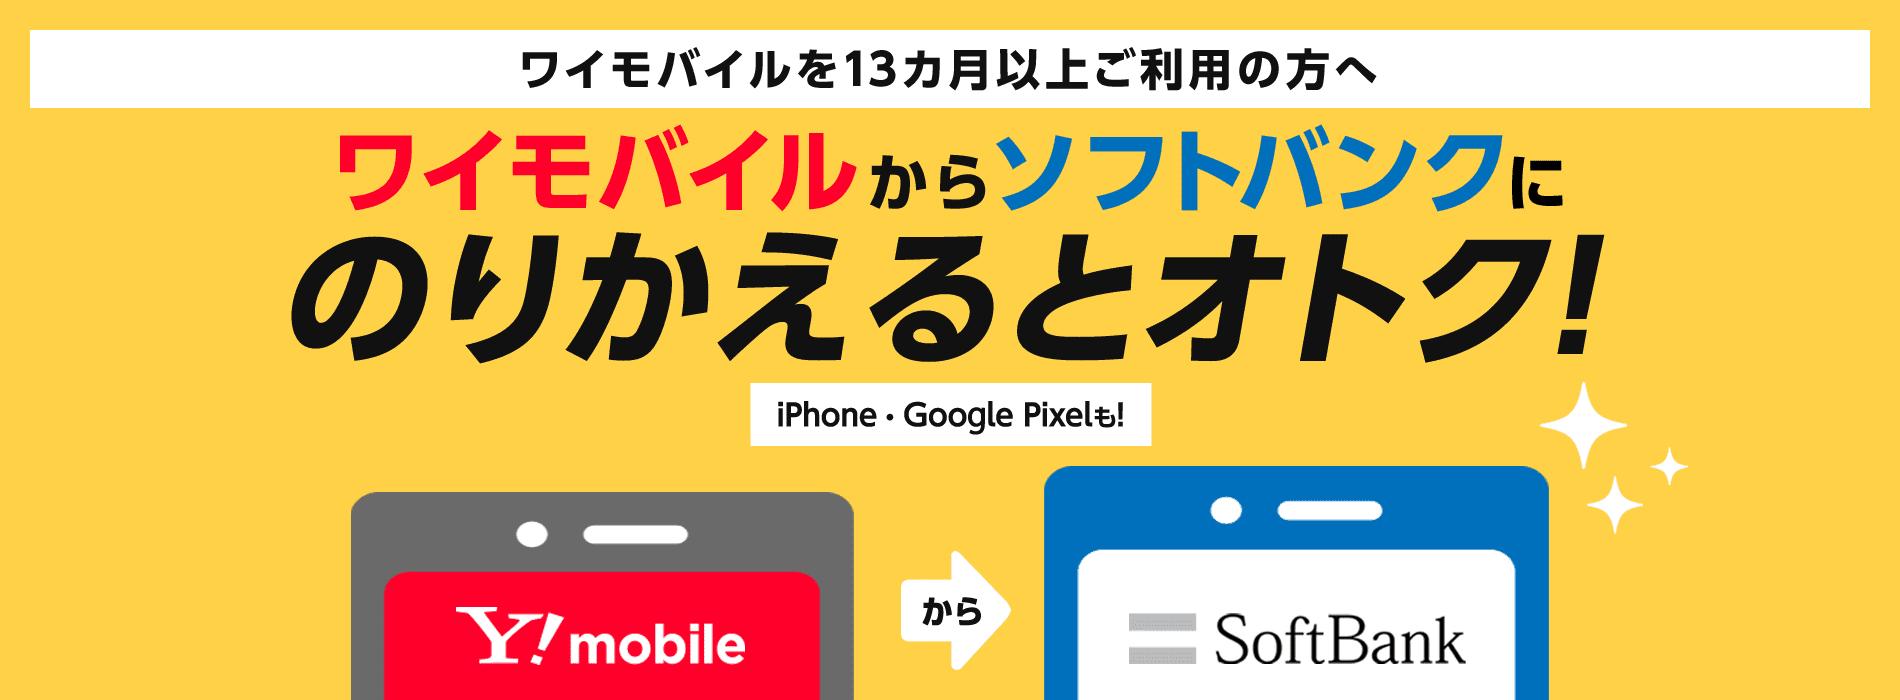 ワイモバイルを13カ月以上ご利用の方へ ワイモバイルからソフトバンクにのりかえるとオトク! iPhone・Google Pixelも!